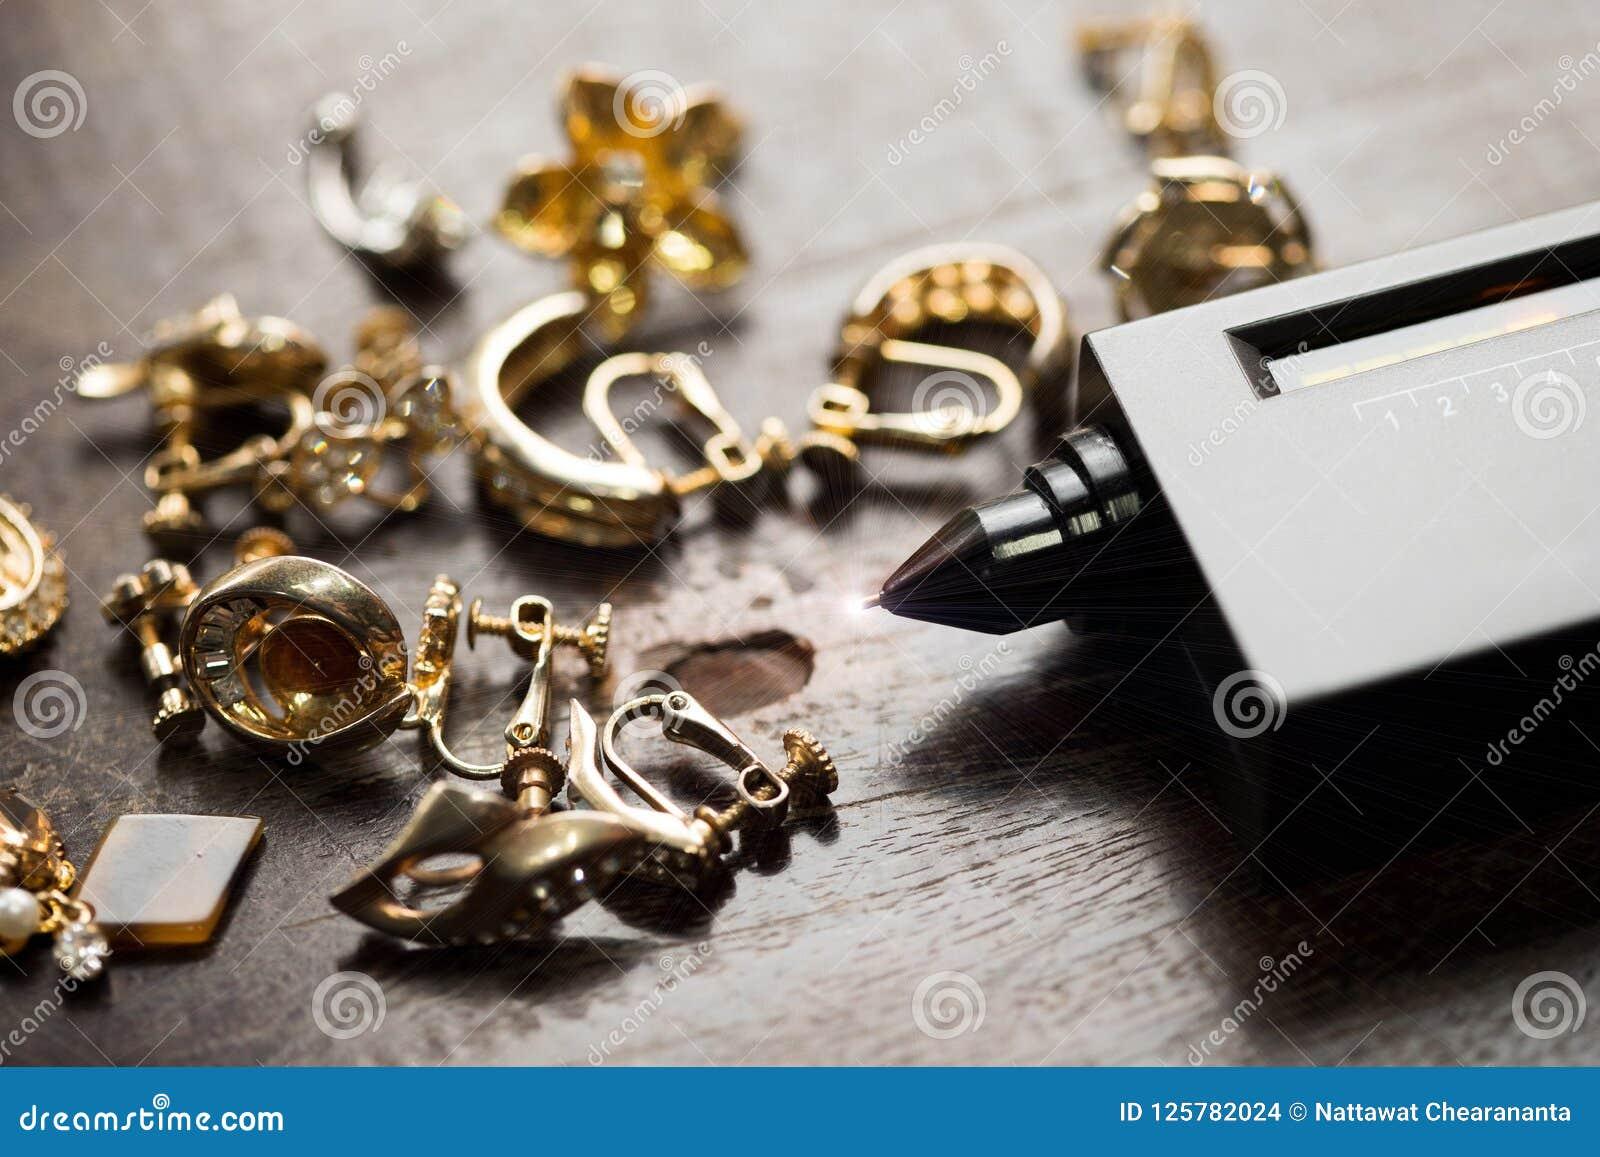 Diamentowego testra Gemstone selekcjonera klejnotu DOWODZONY wskaźnik